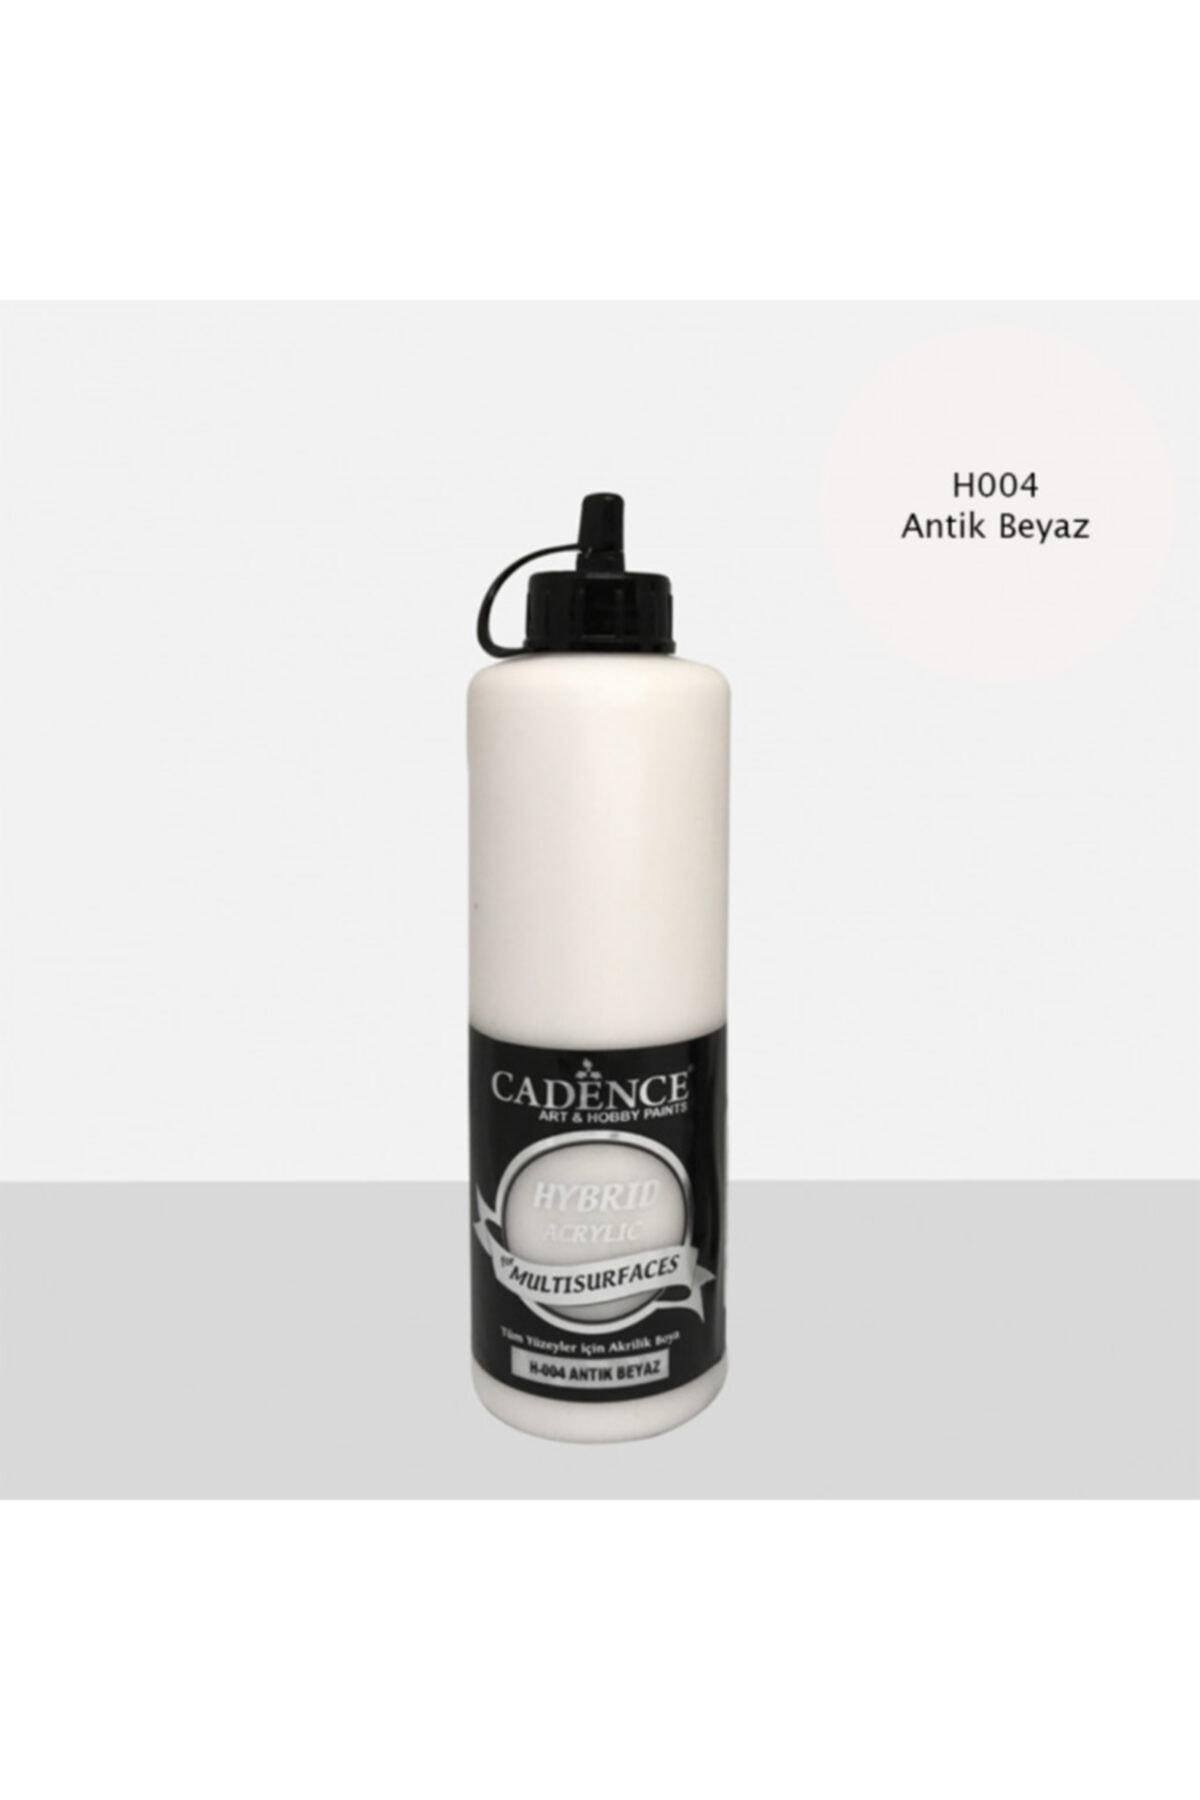 Cadence Hybrid Multisurface Akrilik Boya 500 Ml. H-004 Antik Beyaz 1